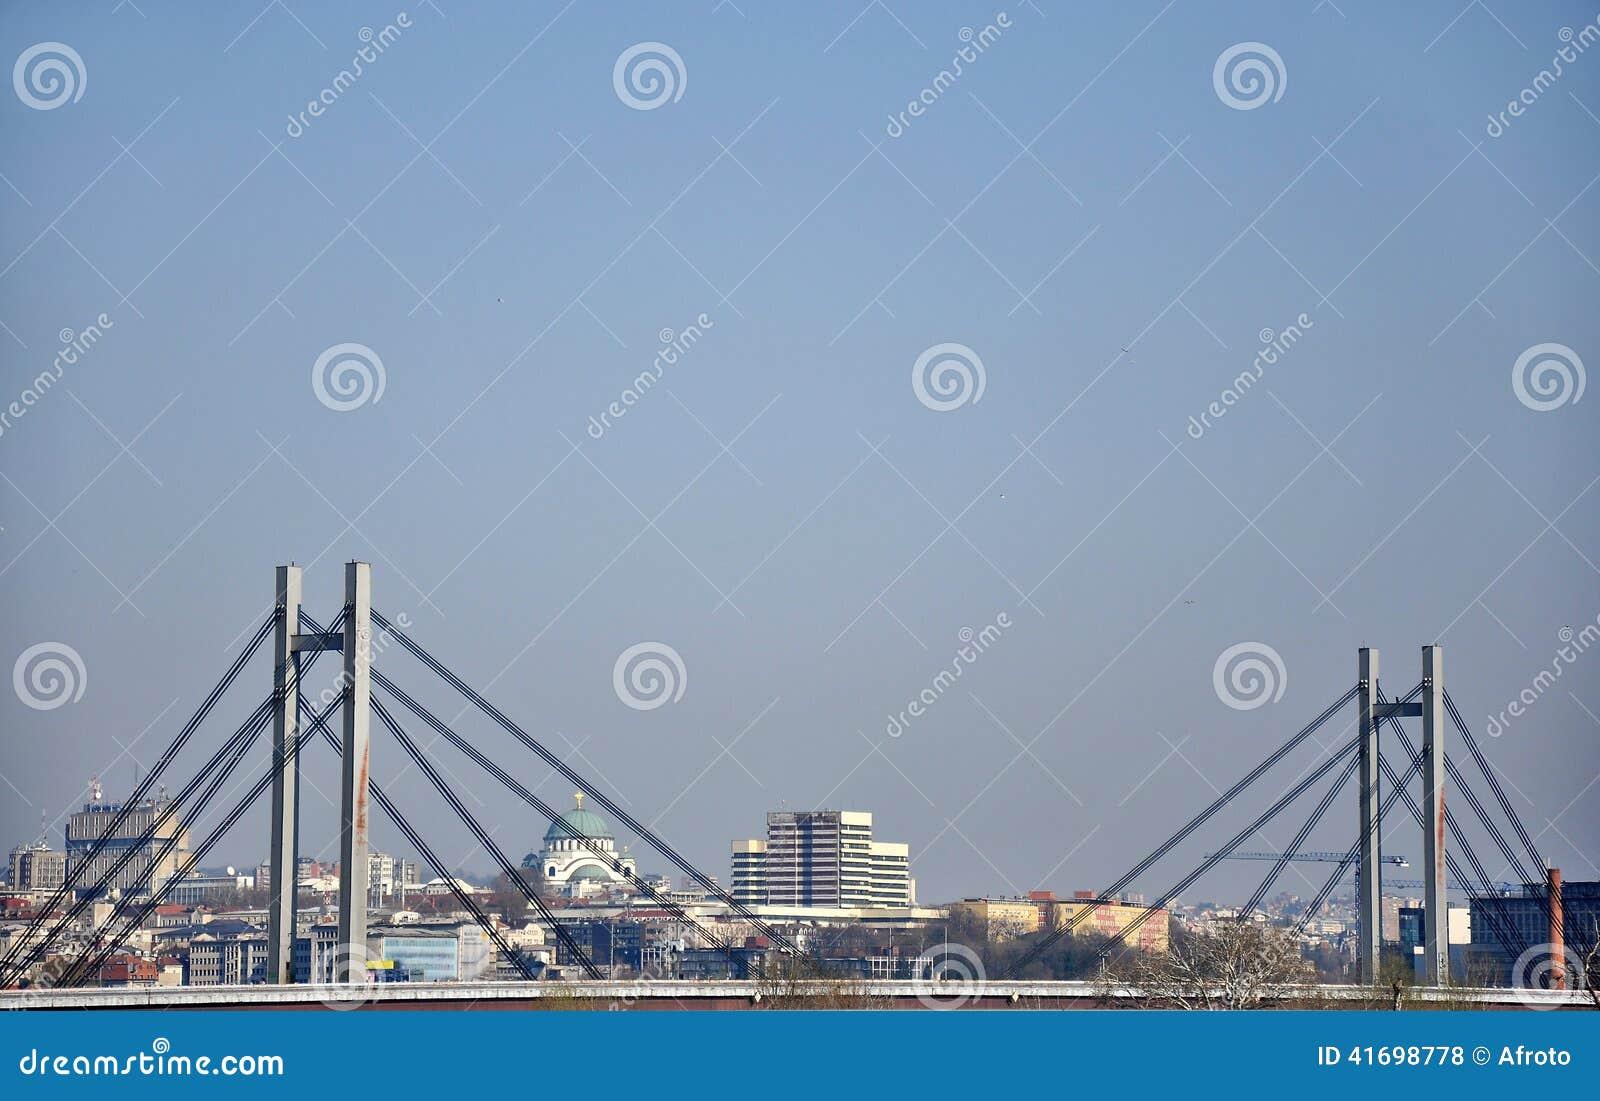 Bridge in the big city of Belgrade